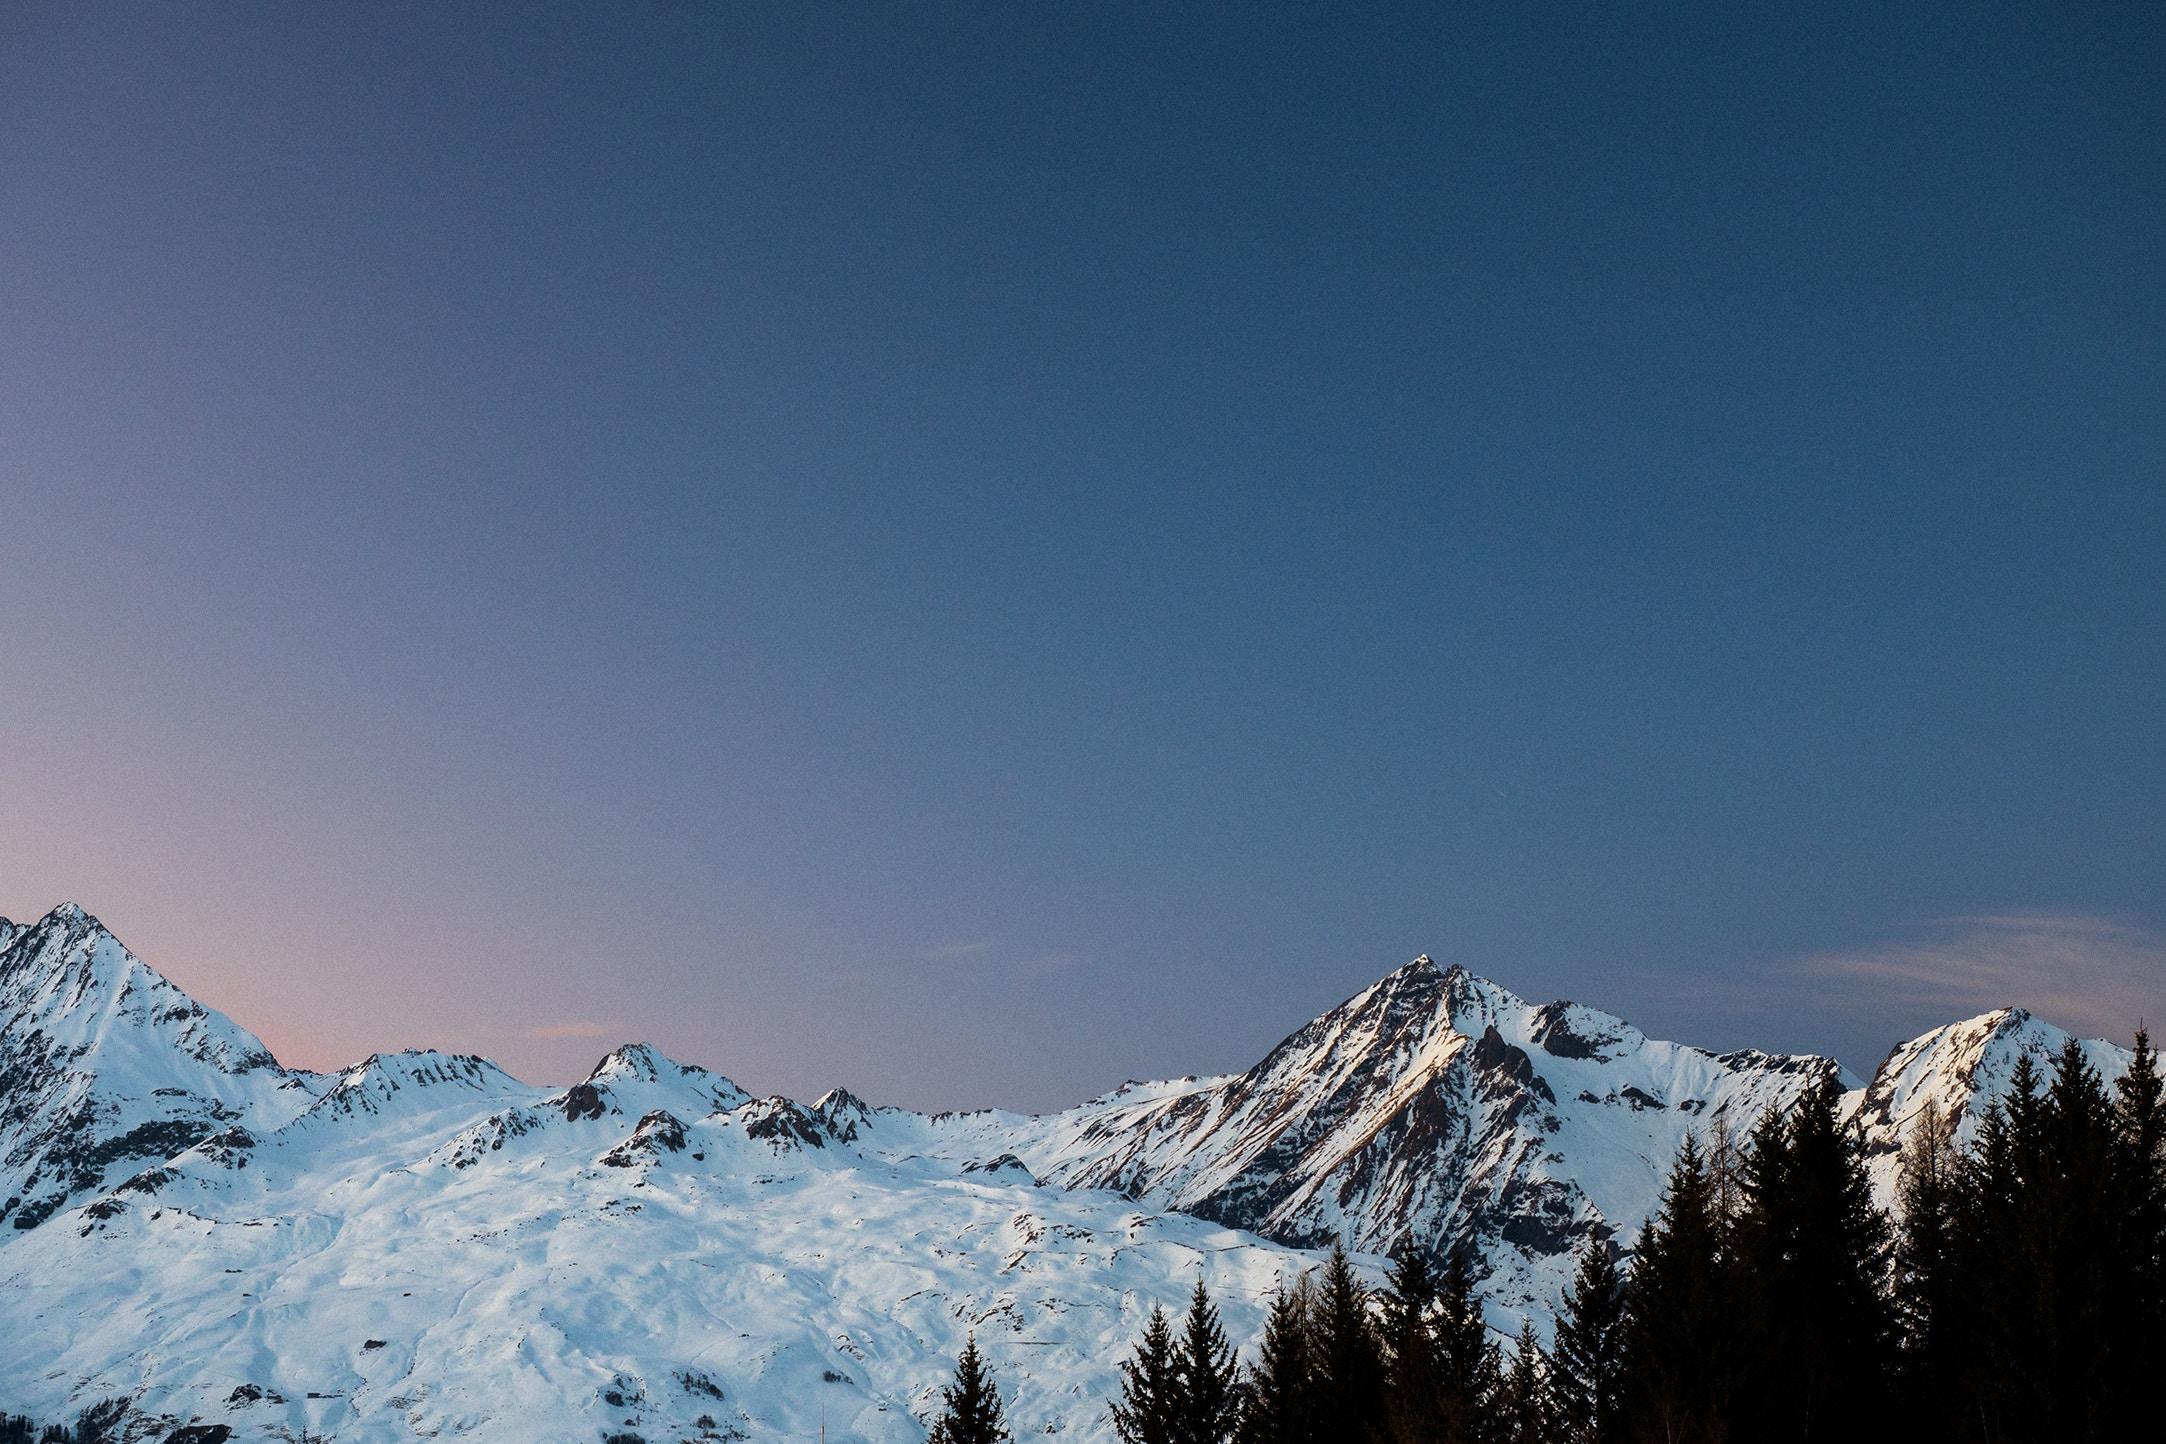 Les Arc Frankrijk uitzicht bergen met sneeuw